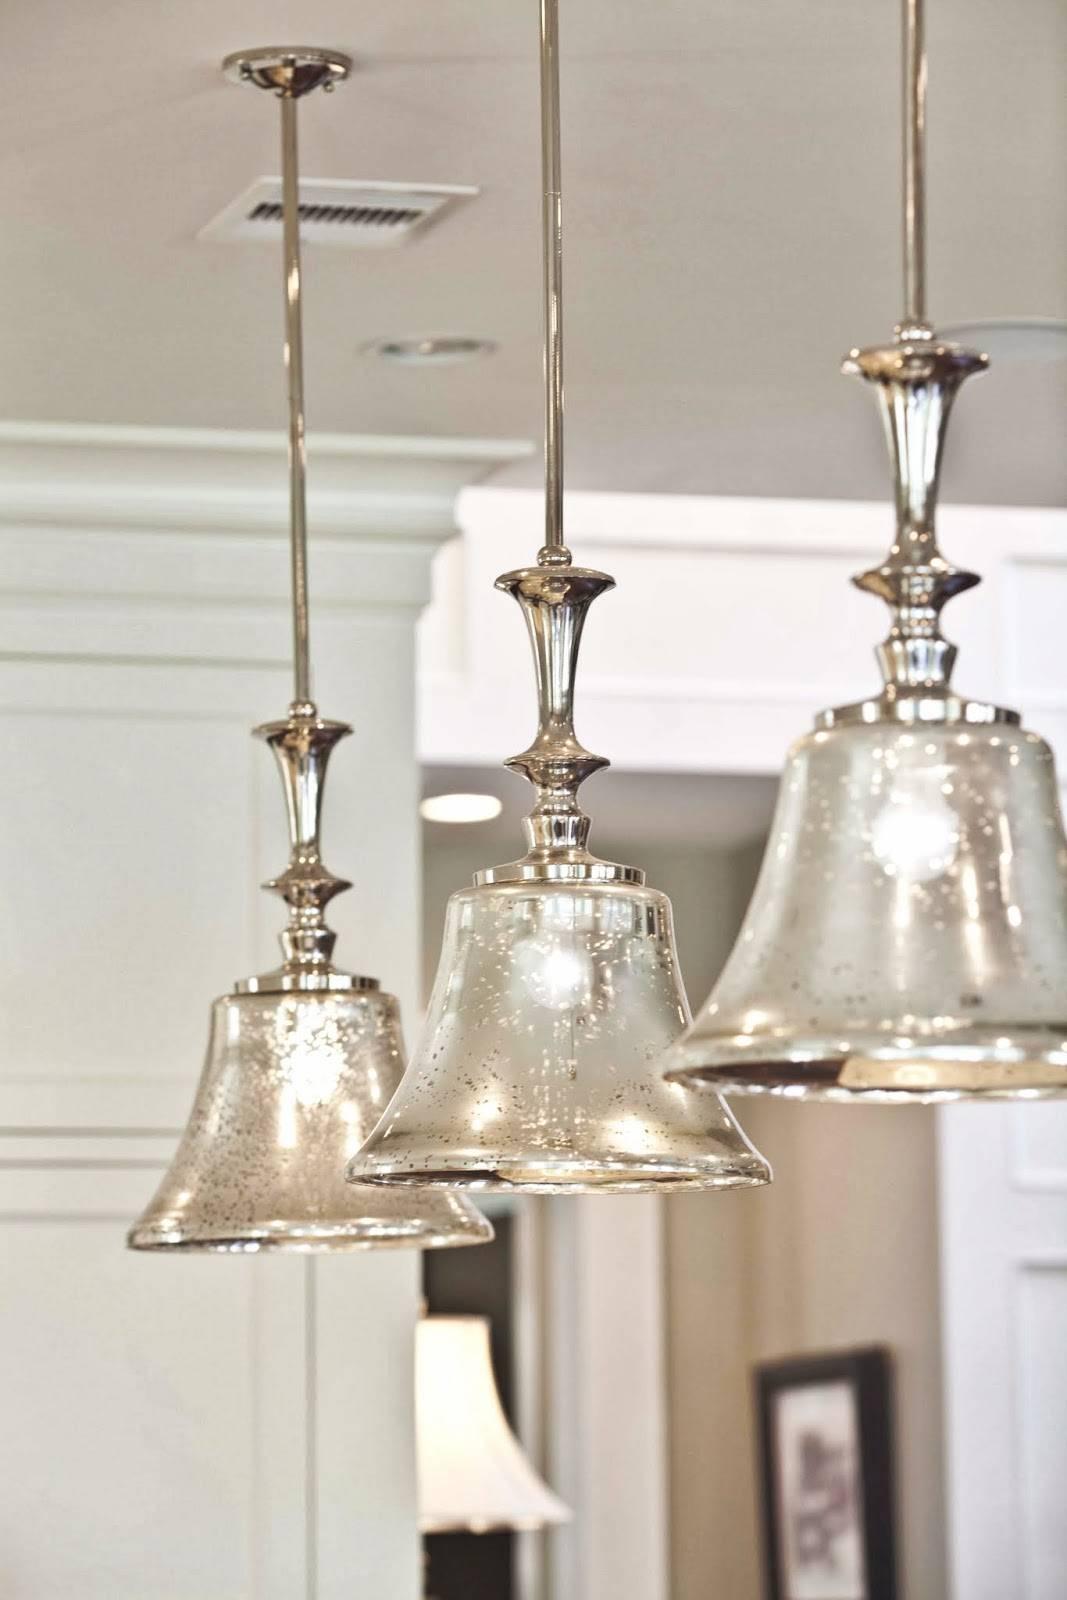 Elegant Glass Pendant Lighting For Kitchen 26 For Your Mercury with Mercury Glass Pendant Lighting (Image 5 of 15)